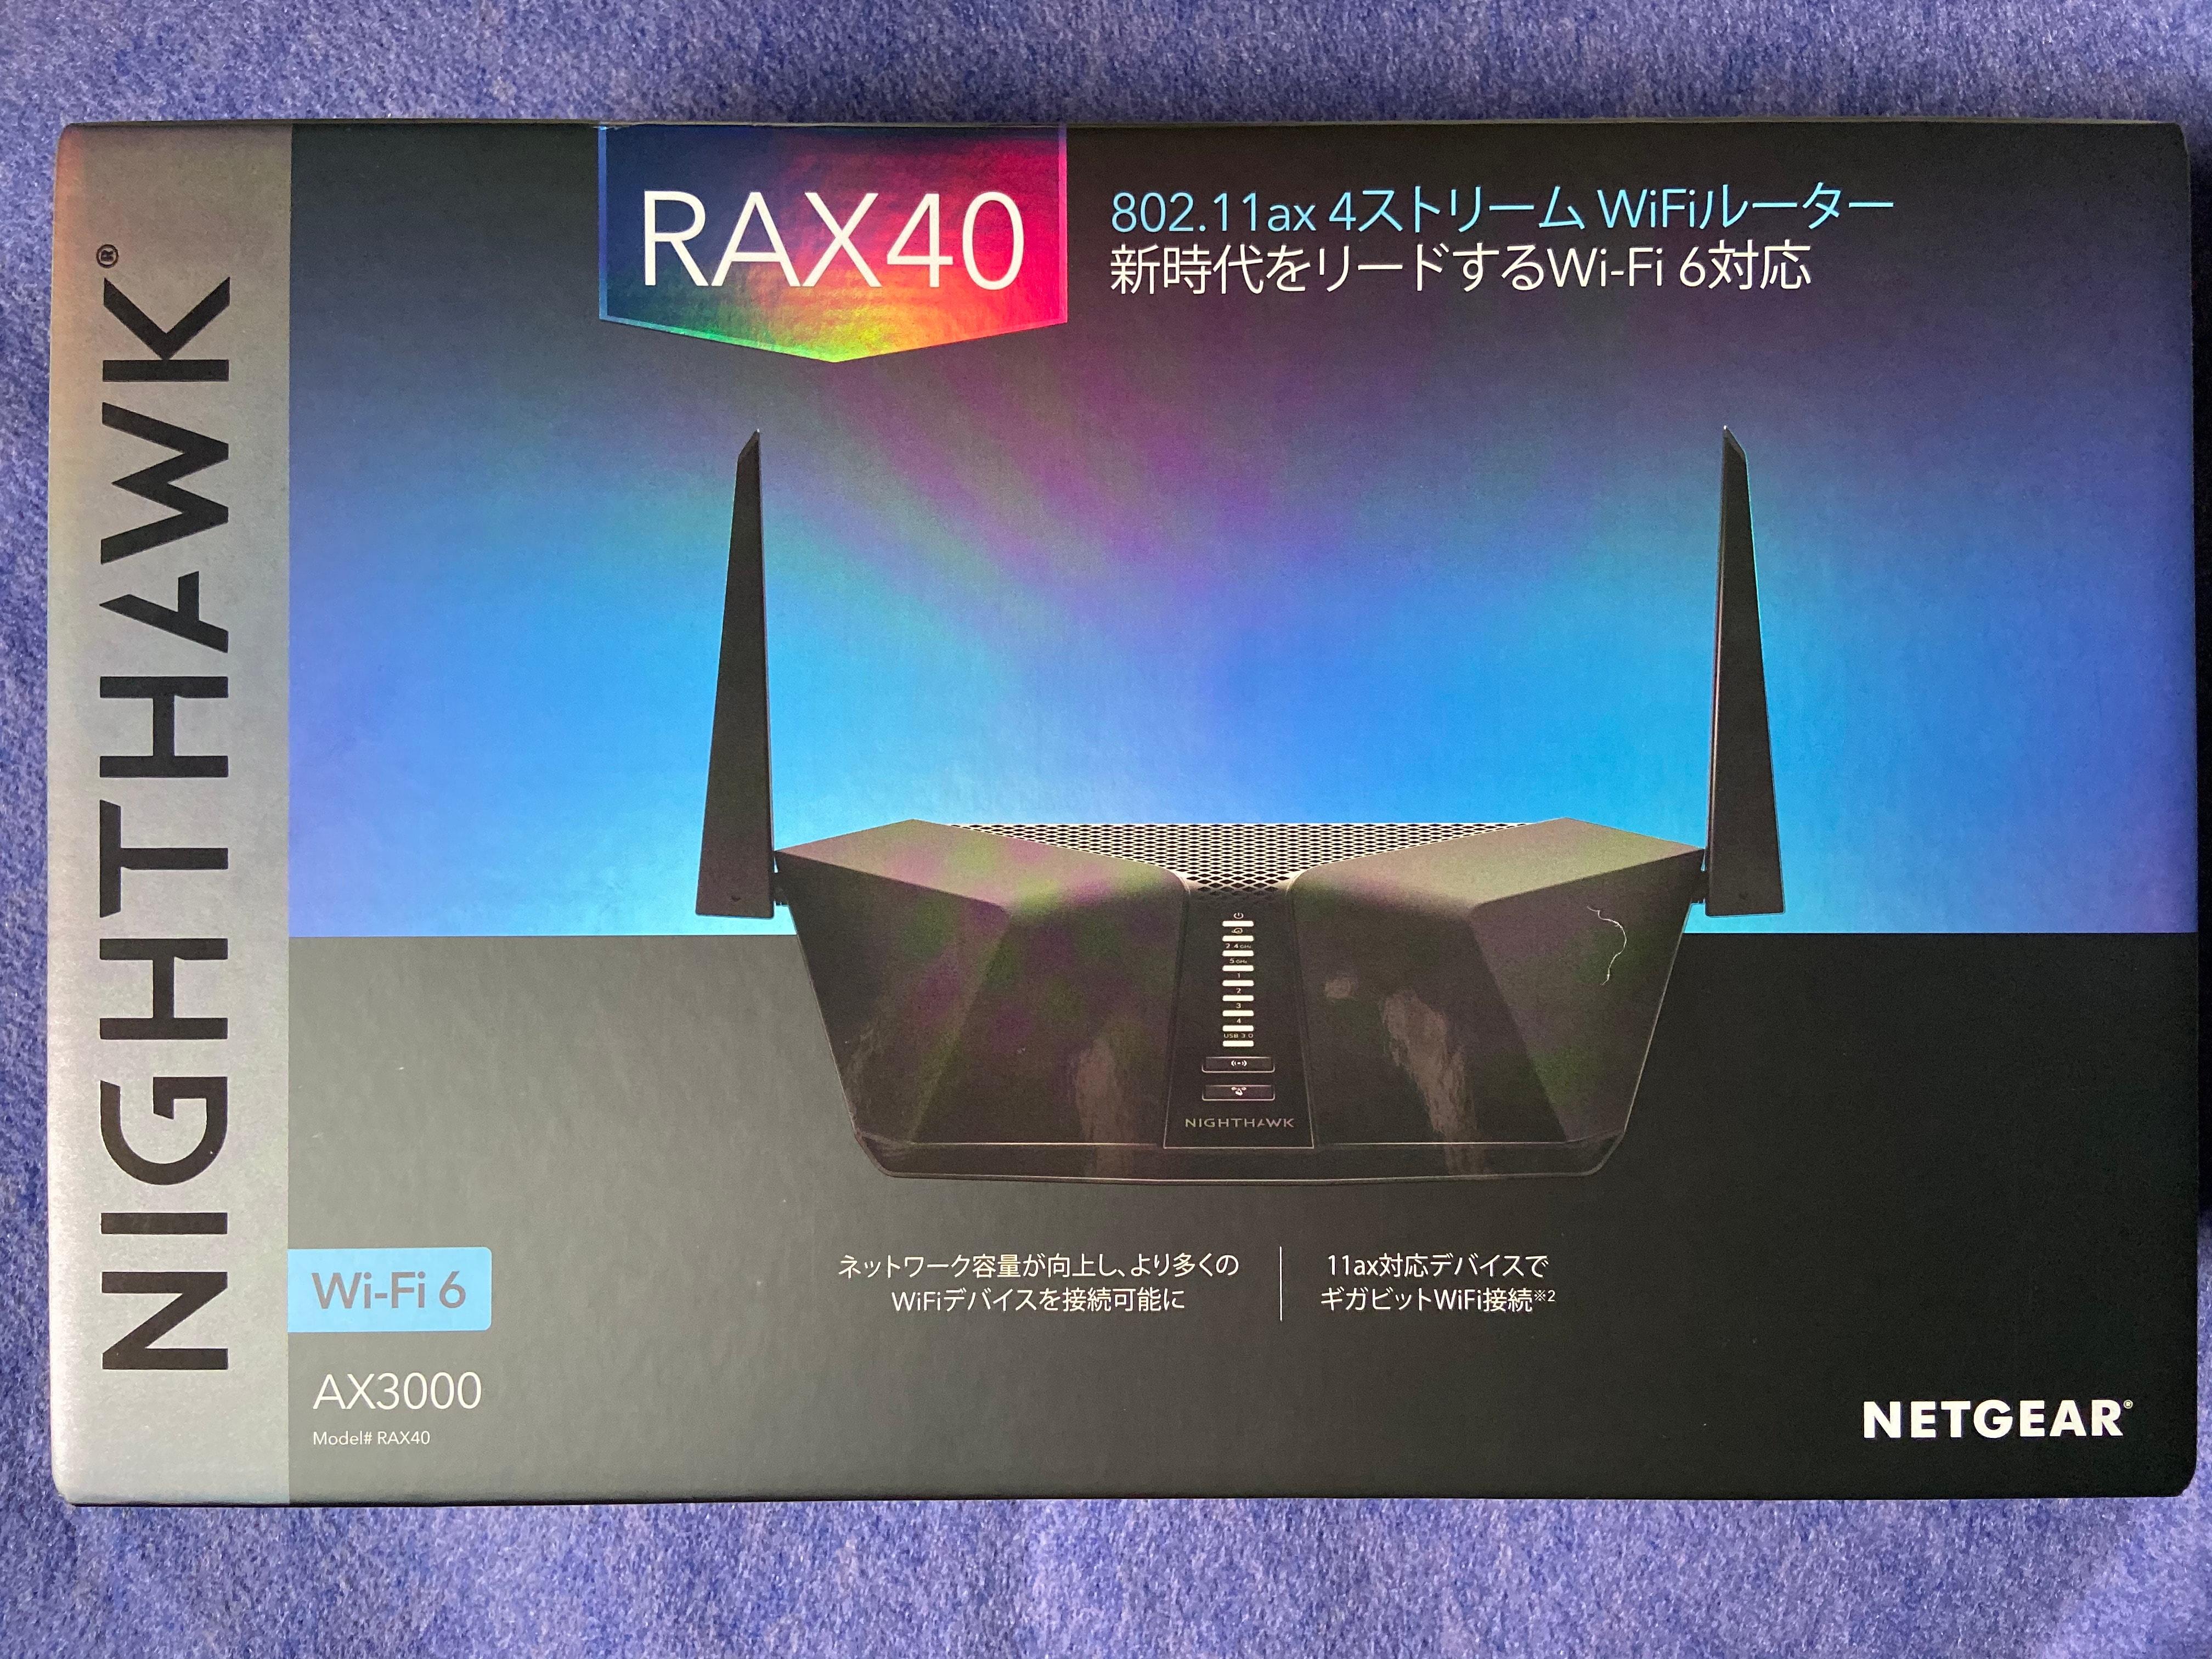 Wi-Fi6対応ルータ RAX40-100JPS